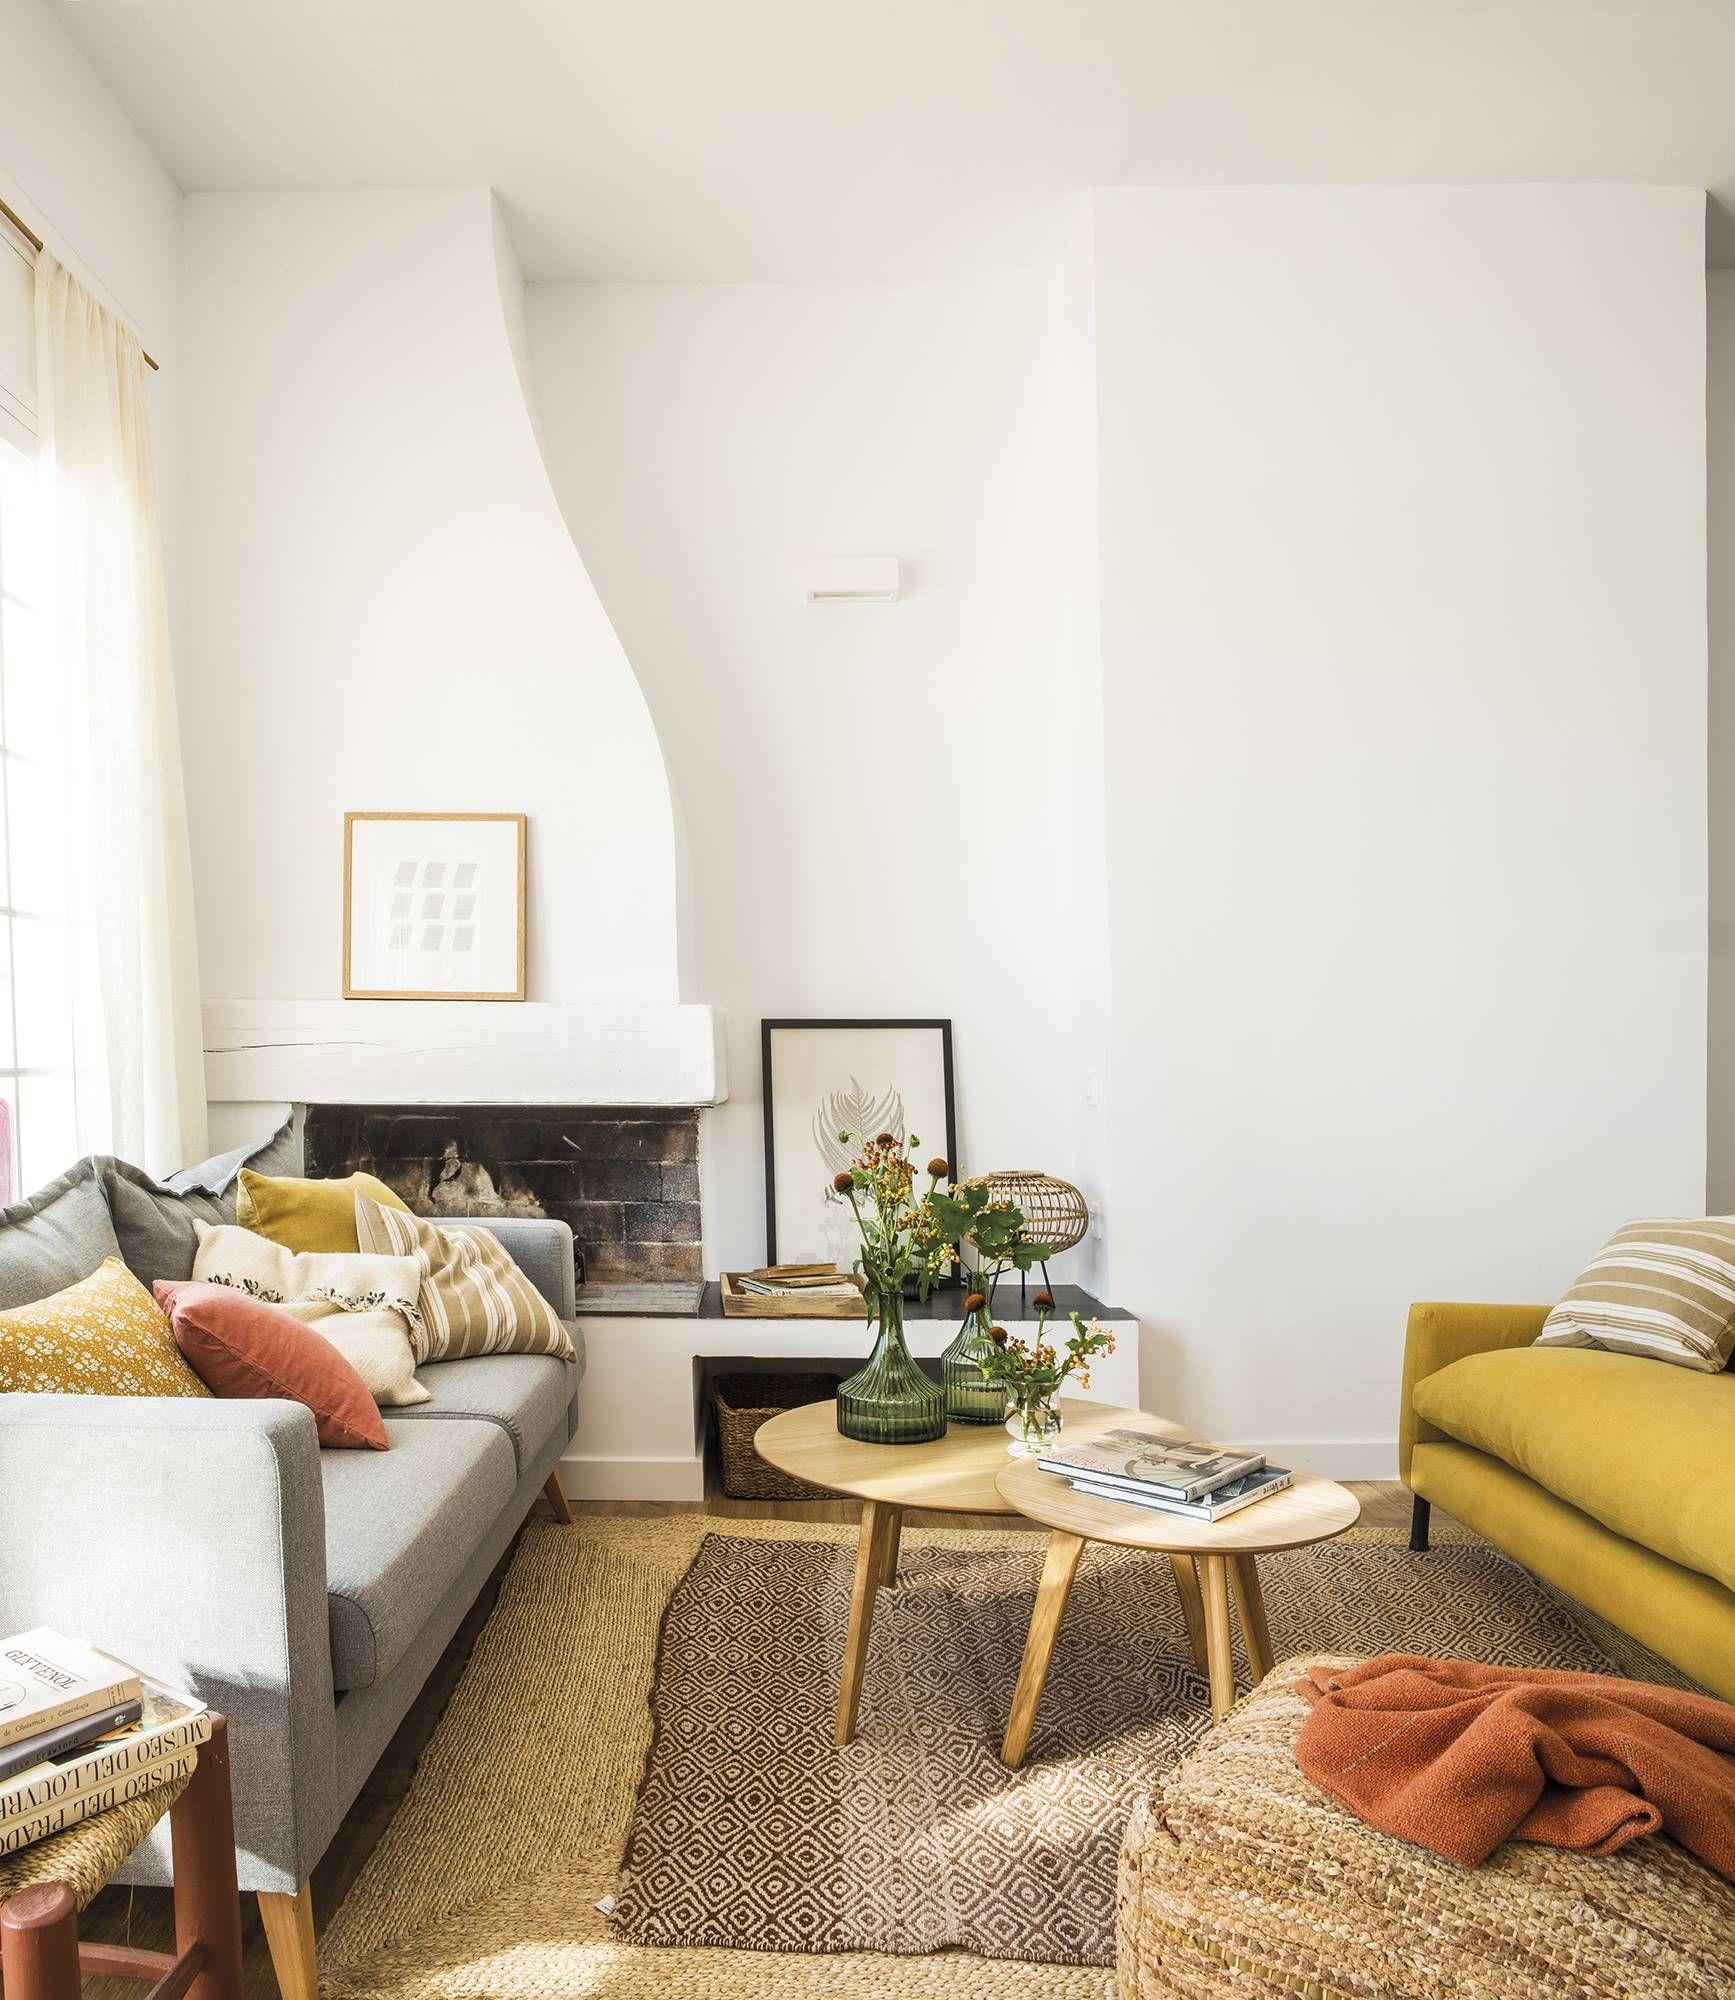 Une petite maison sur trois niveaux dans un lieu idyllique